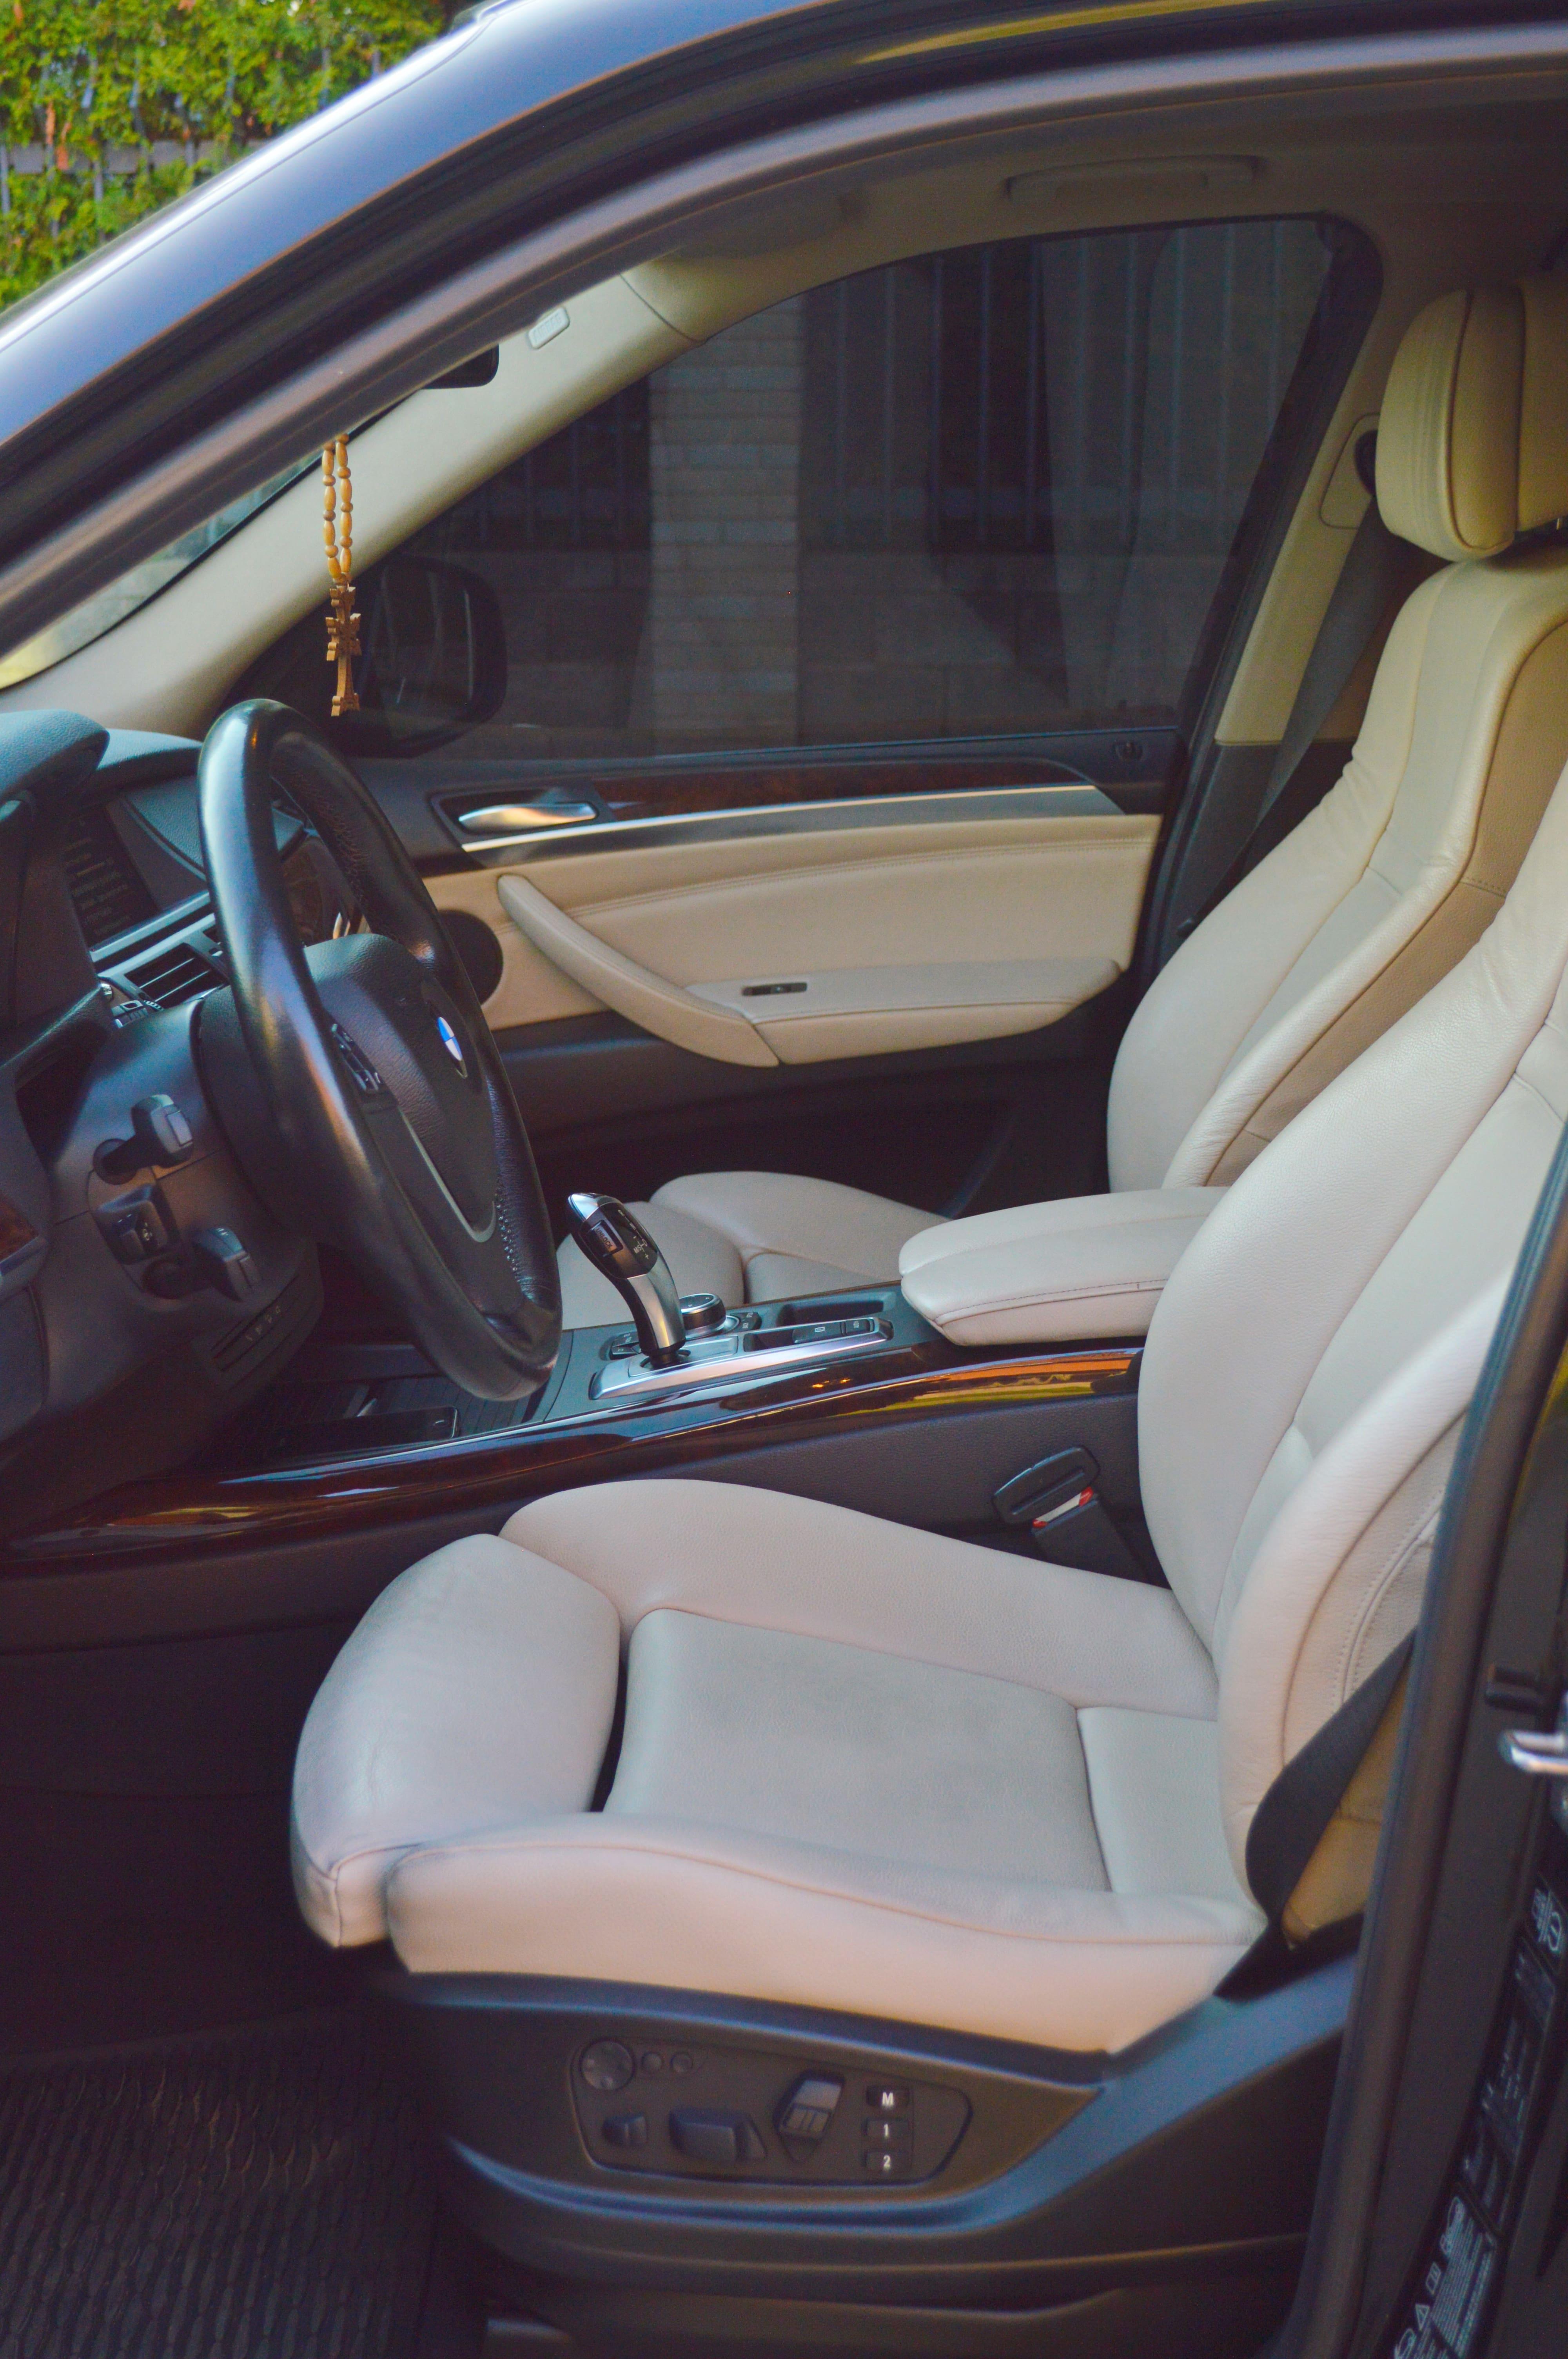 BMW X5 003-min